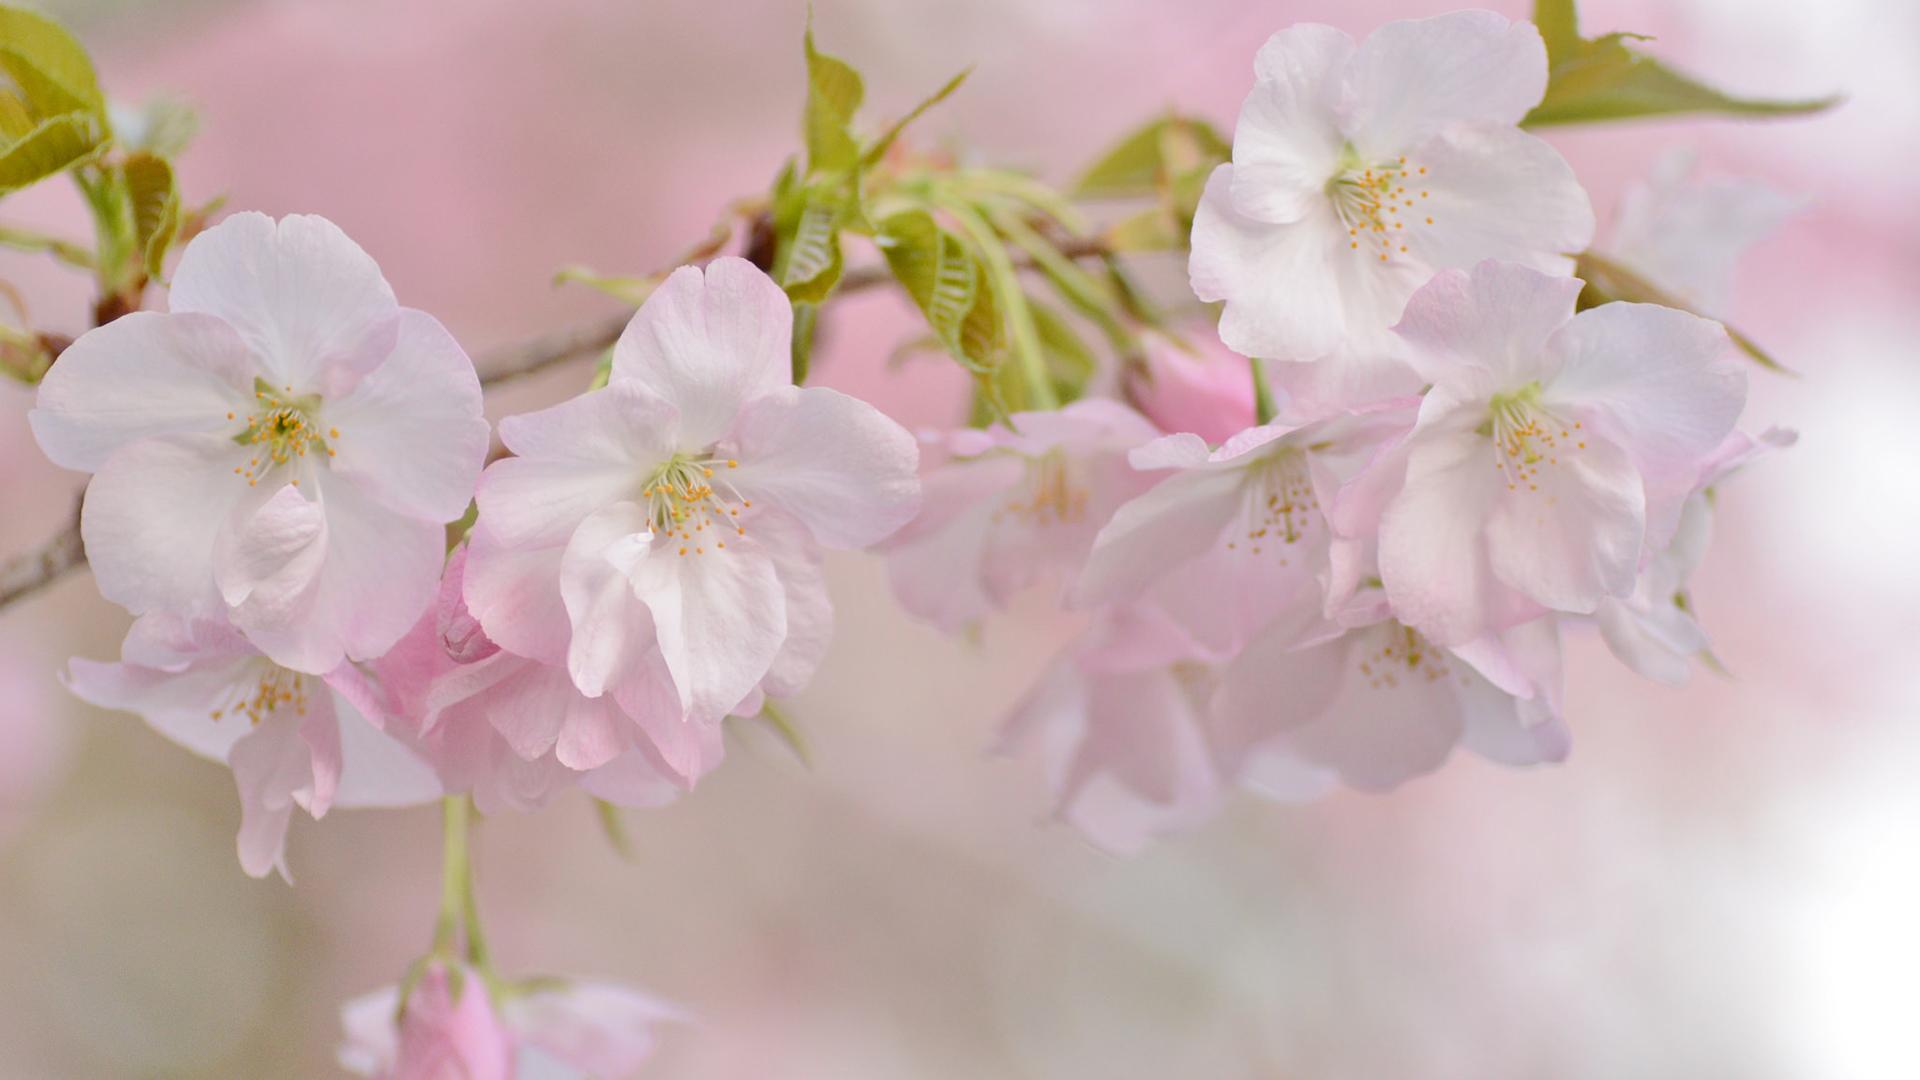 ручка, показать фотообои три д цветущей вишни ветки прикольные